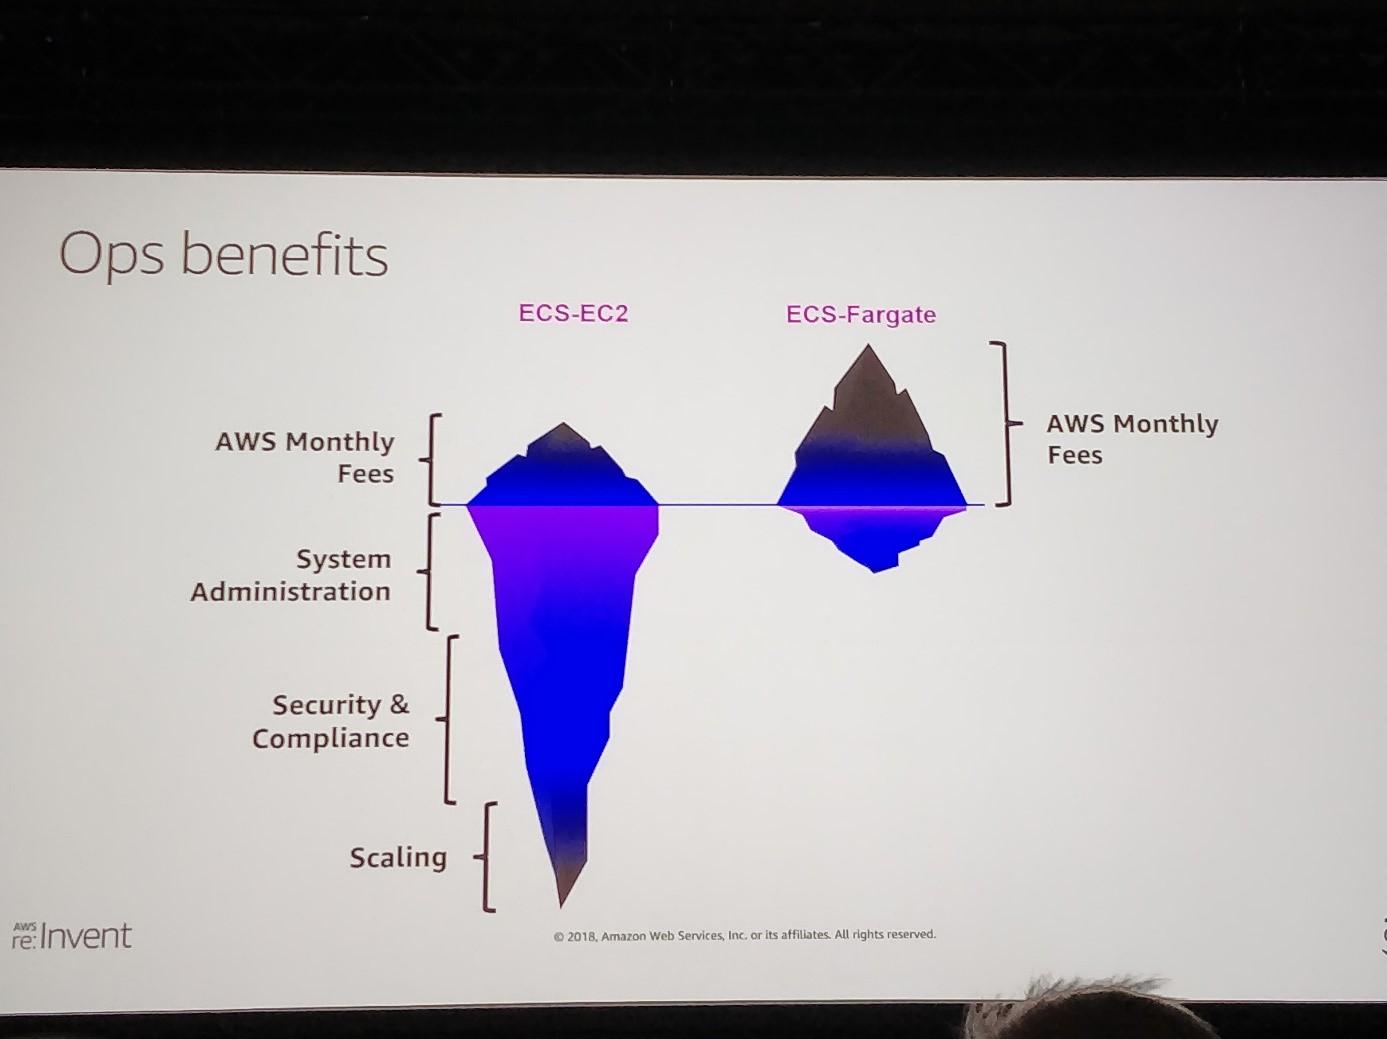 Ops benefits